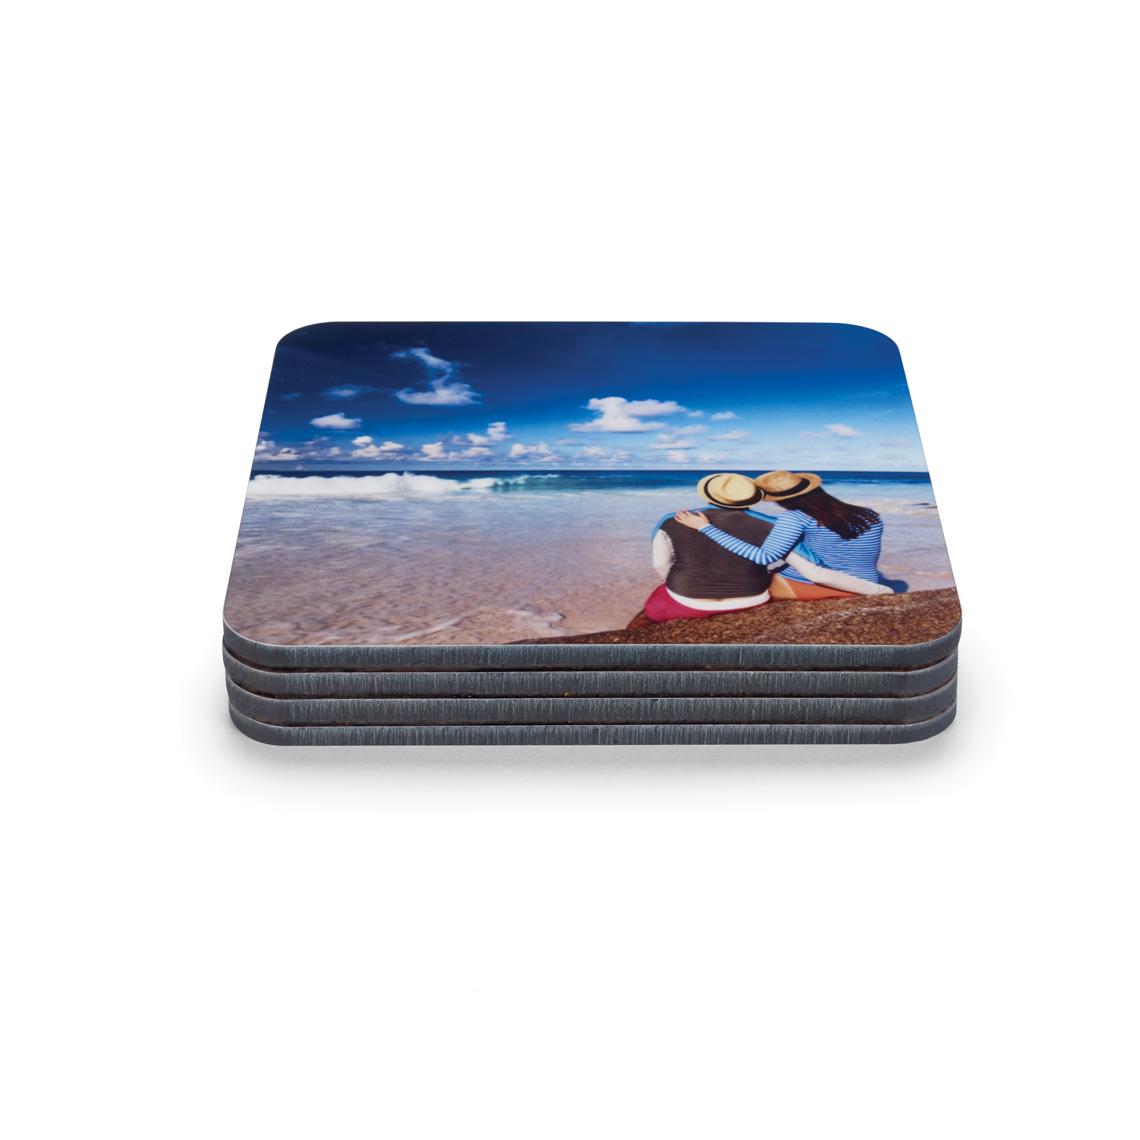 Photo Coasters Cvs Photo